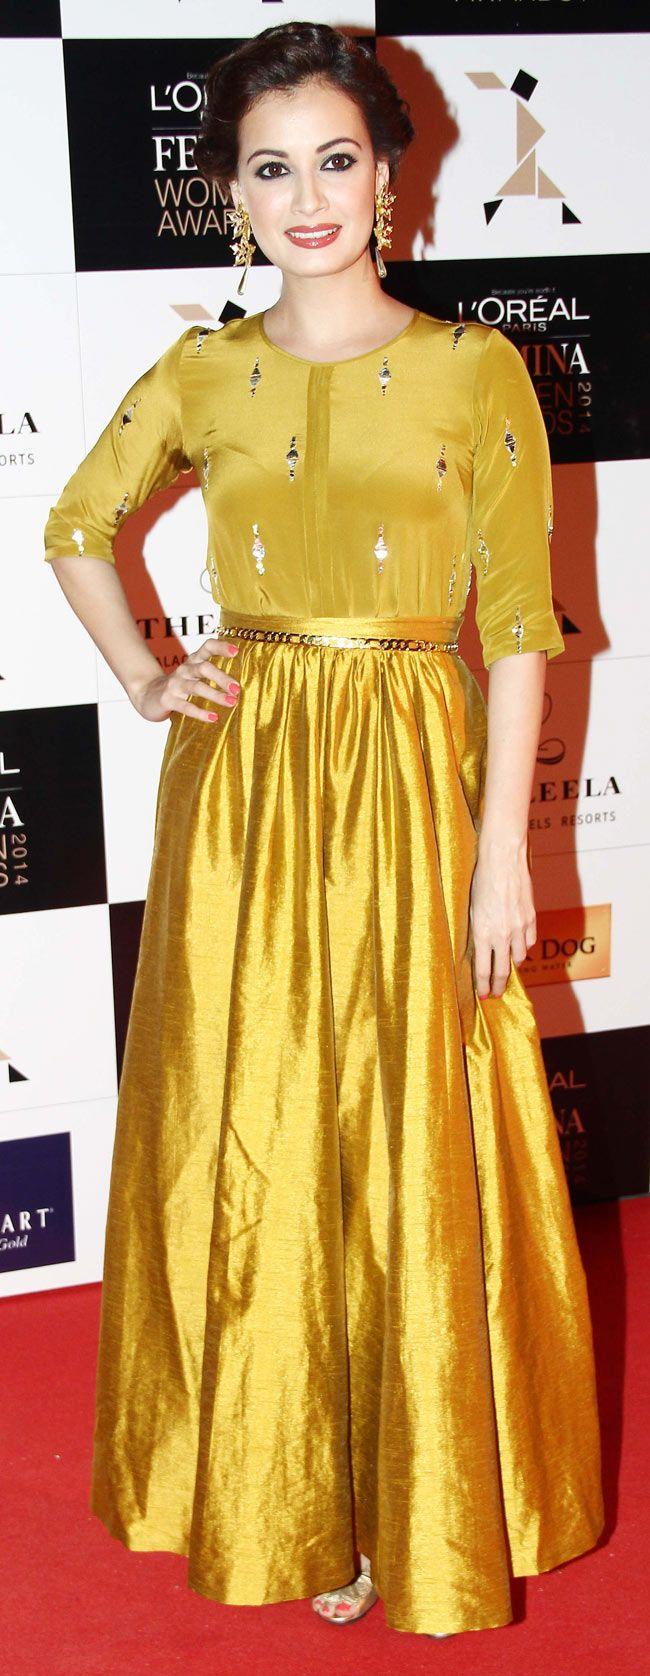 Dia Mirza at the L'Oreal Paris Femina Women Awards 2014. #Style #Bollywood #Fashion #Beauty